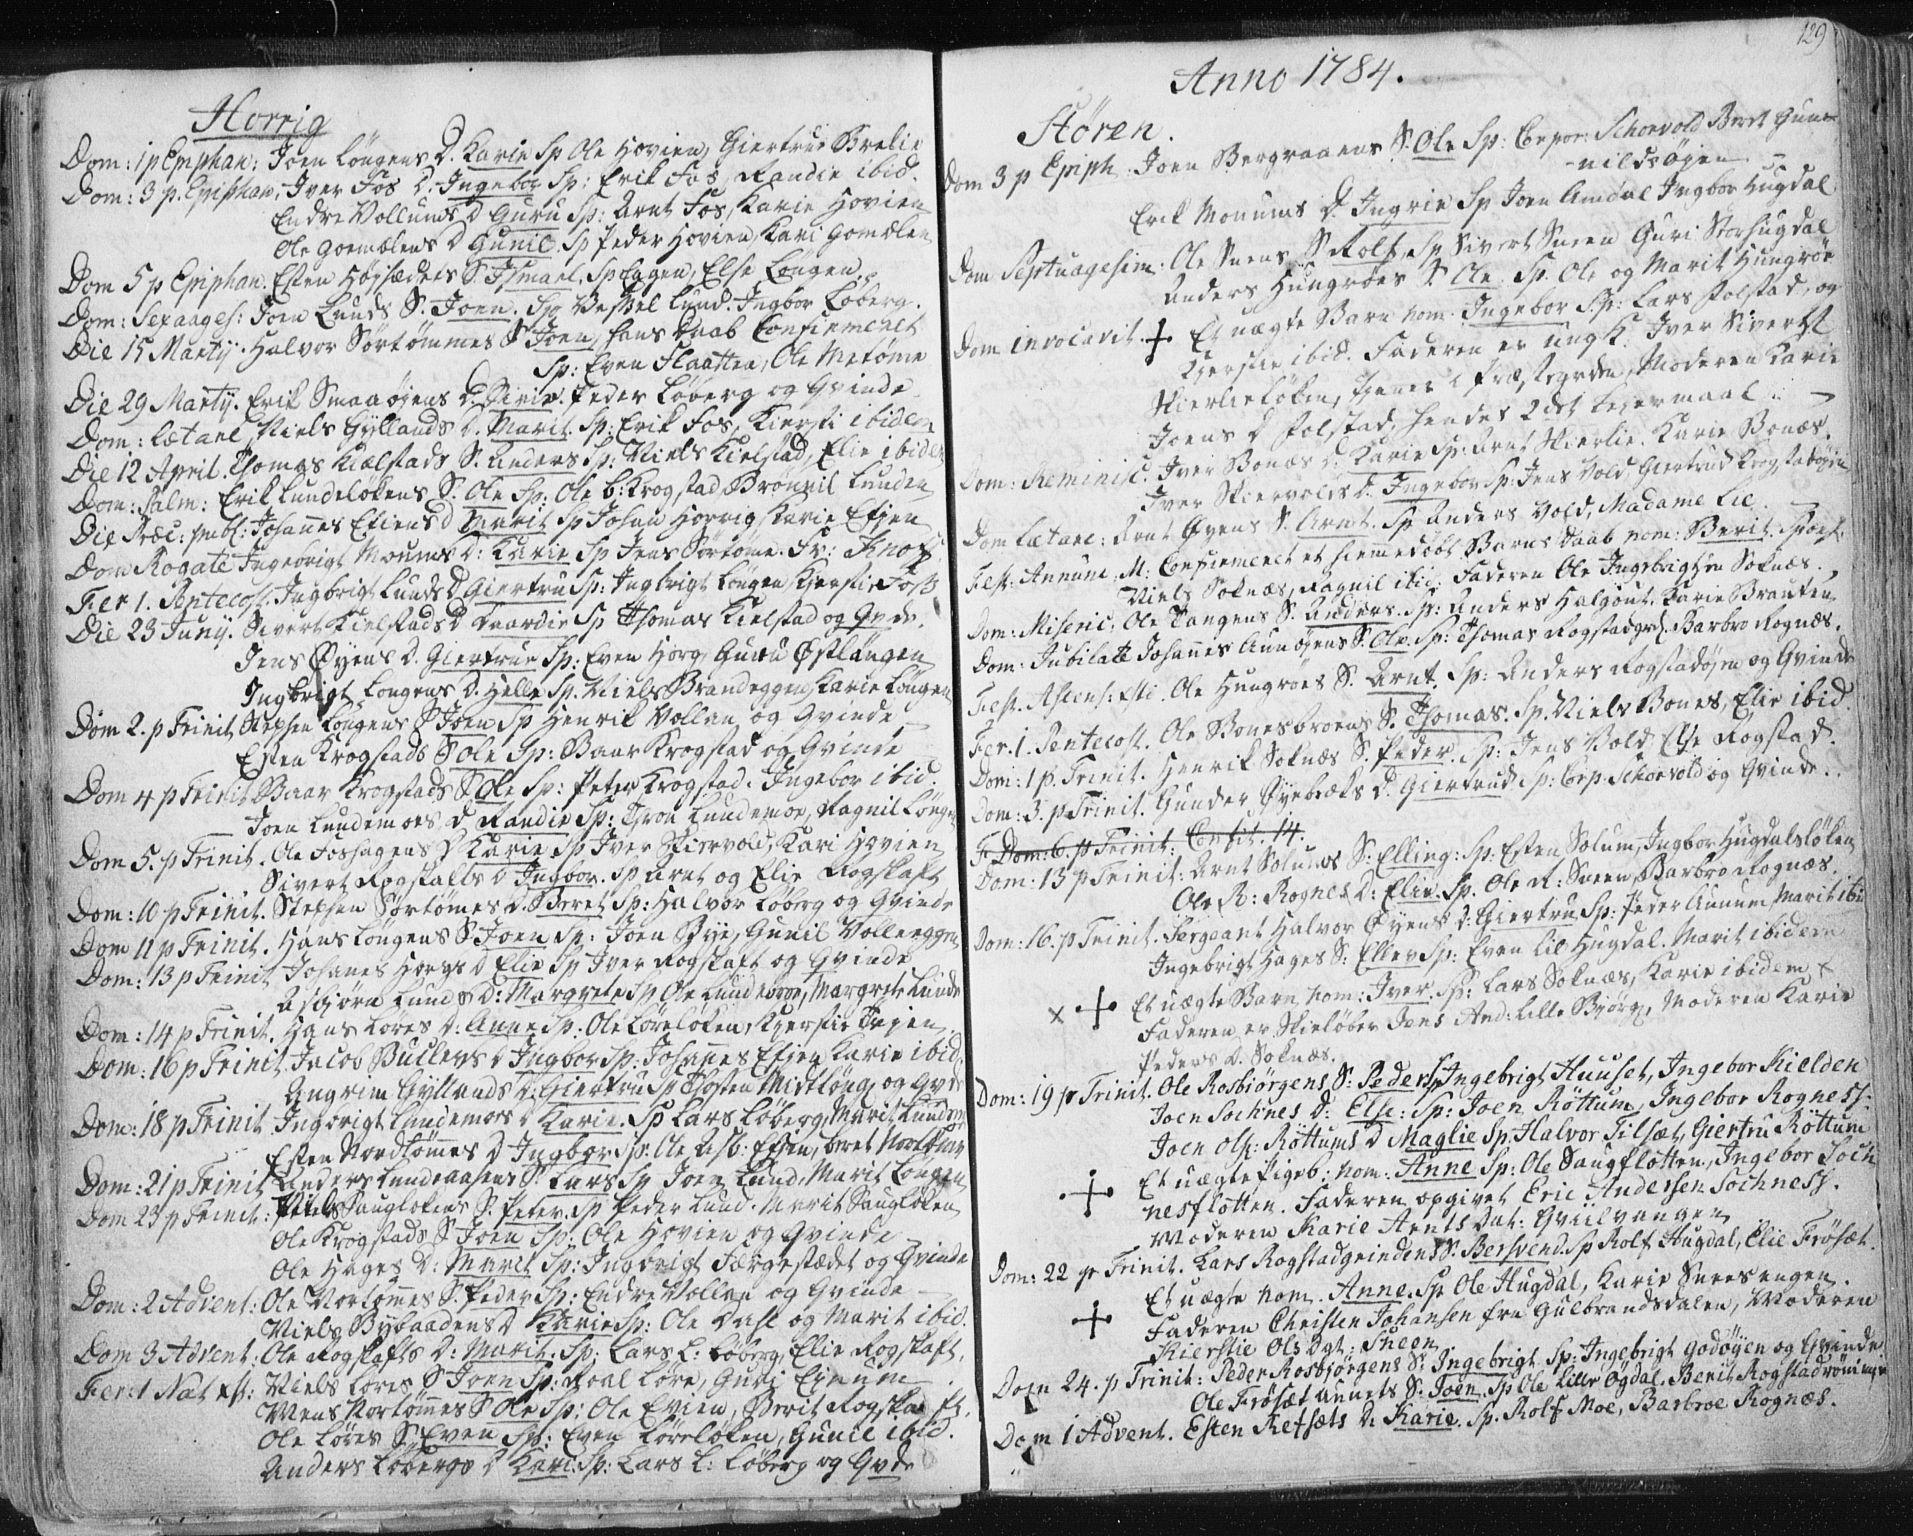 SAT, Ministerialprotokoller, klokkerbøker og fødselsregistre - Sør-Trøndelag, 687/L0991: Ministerialbok nr. 687A02, 1747-1790, s. 129